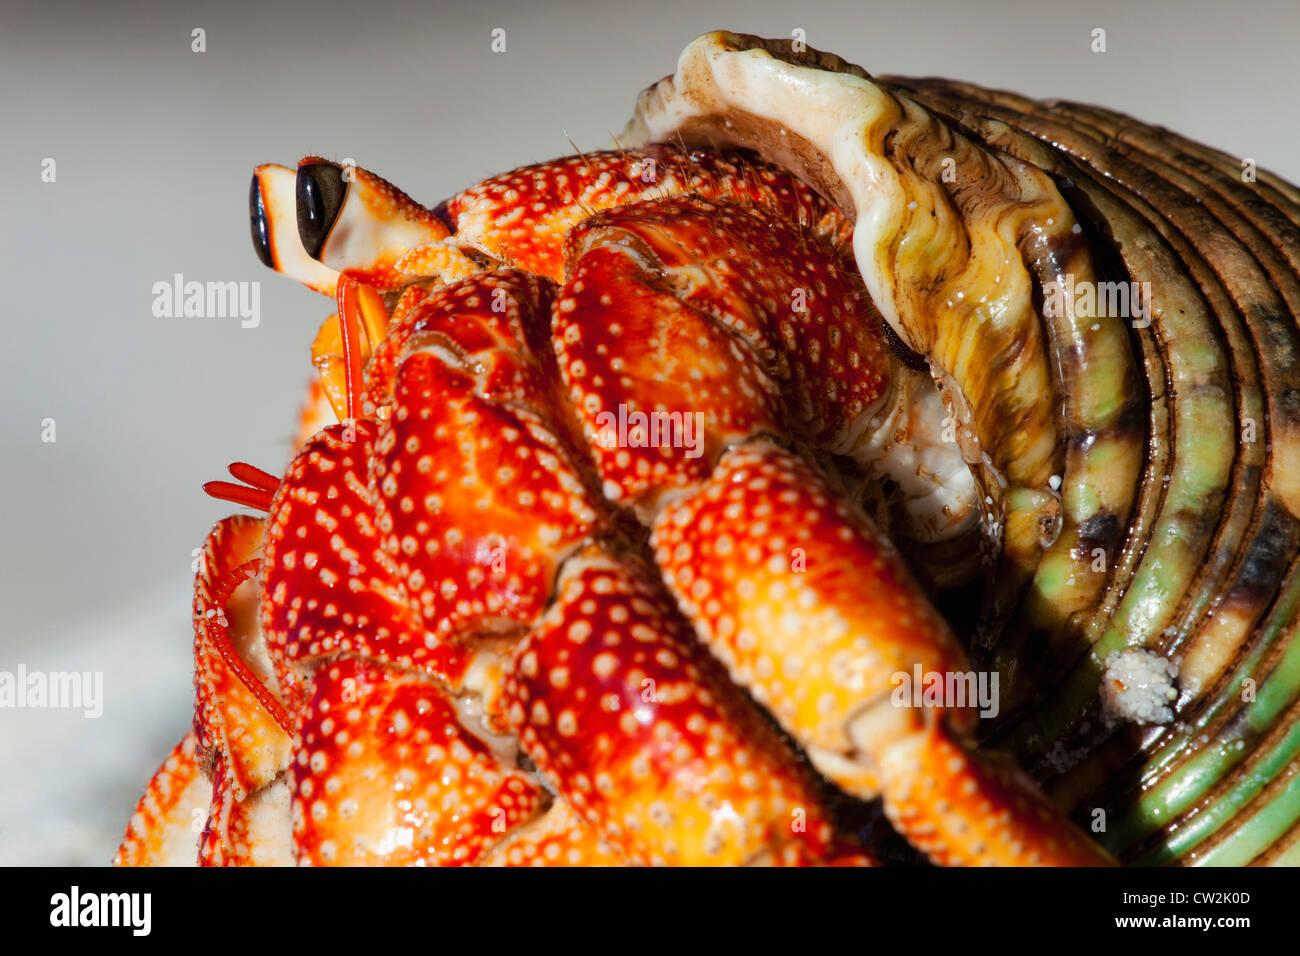 Cangrejo ermitaño (Anomura spp). Protegerse mediante el vacío de las conchas de moluscos.Seychelles. Imagen De Stock